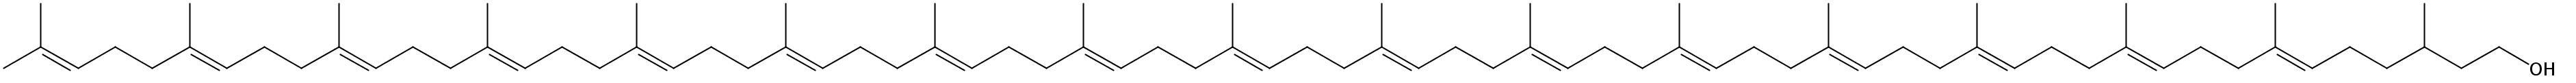 Structural formula of C85-Dolichol (Dolichol-17)